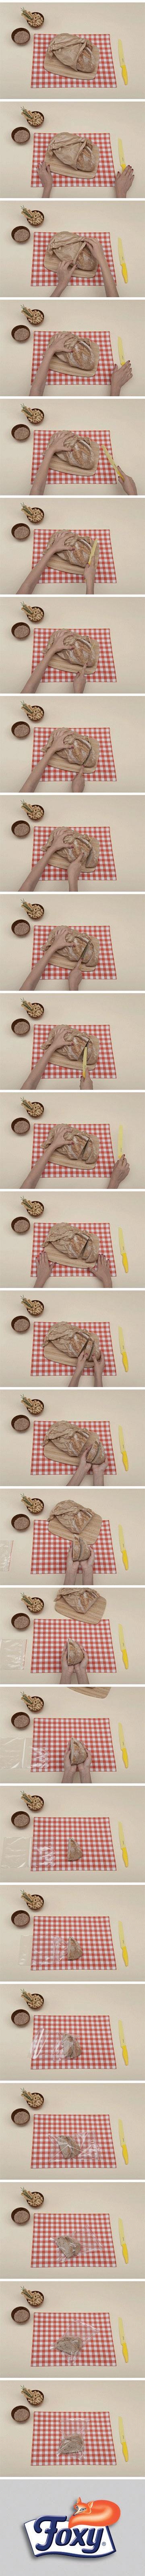 Il pane in tavola non deve mai mancare. Imparate a conservarlo e lo avrete sempre a disposizione!  Scoprite i segreti per ottimizzare la conservazione dei cibi su: http://foxymega.it/optimize/impara-come-ottimizzarlo.php?id=Pane  #oprimize #foxy #pane #conservare #food #tavola